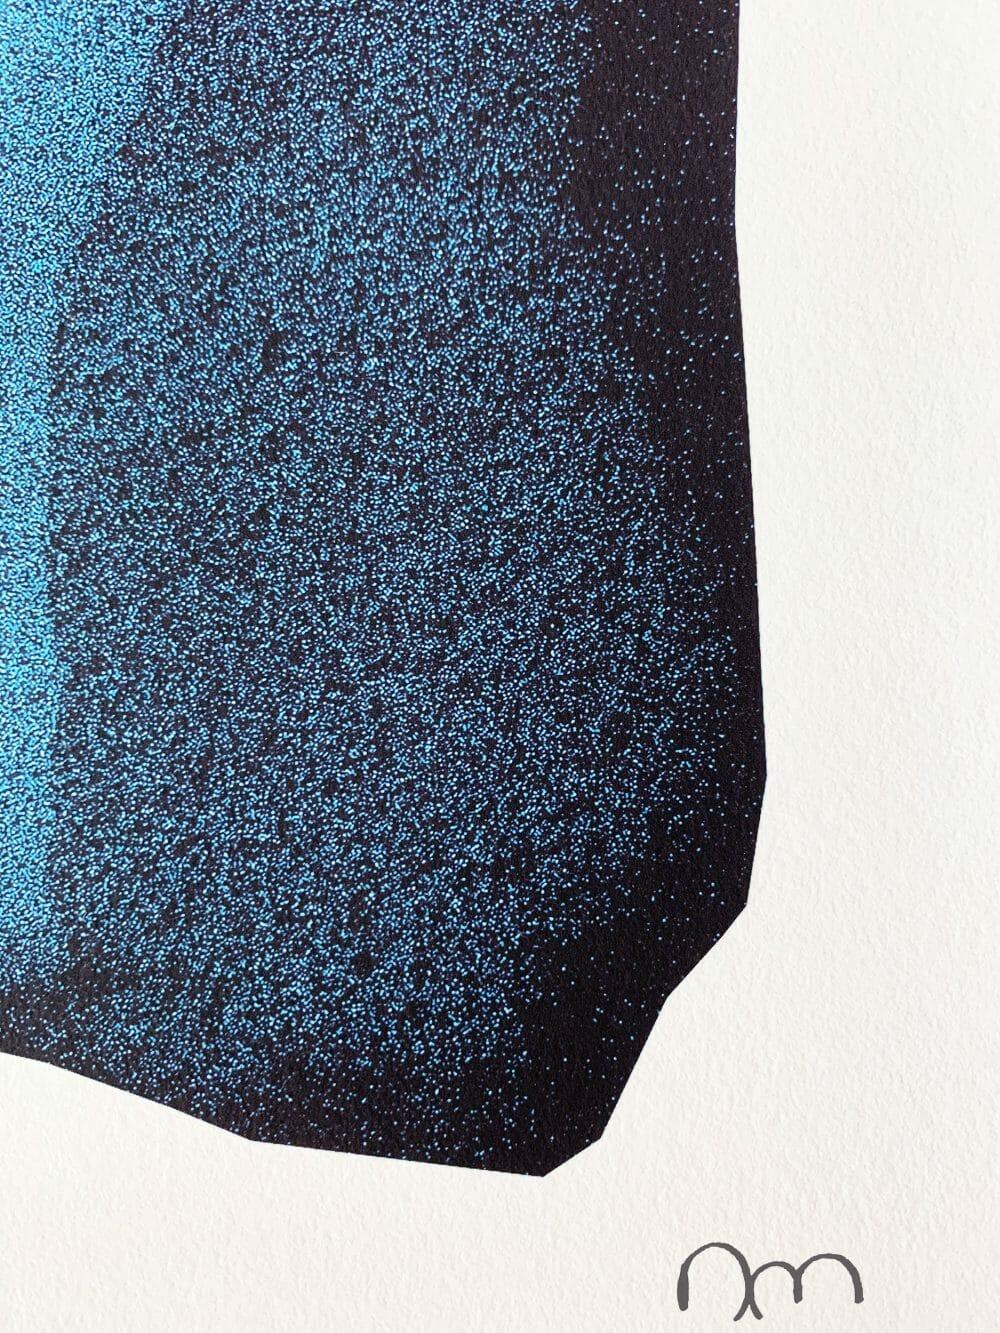 blue-drift-print-giclee-art-interiors